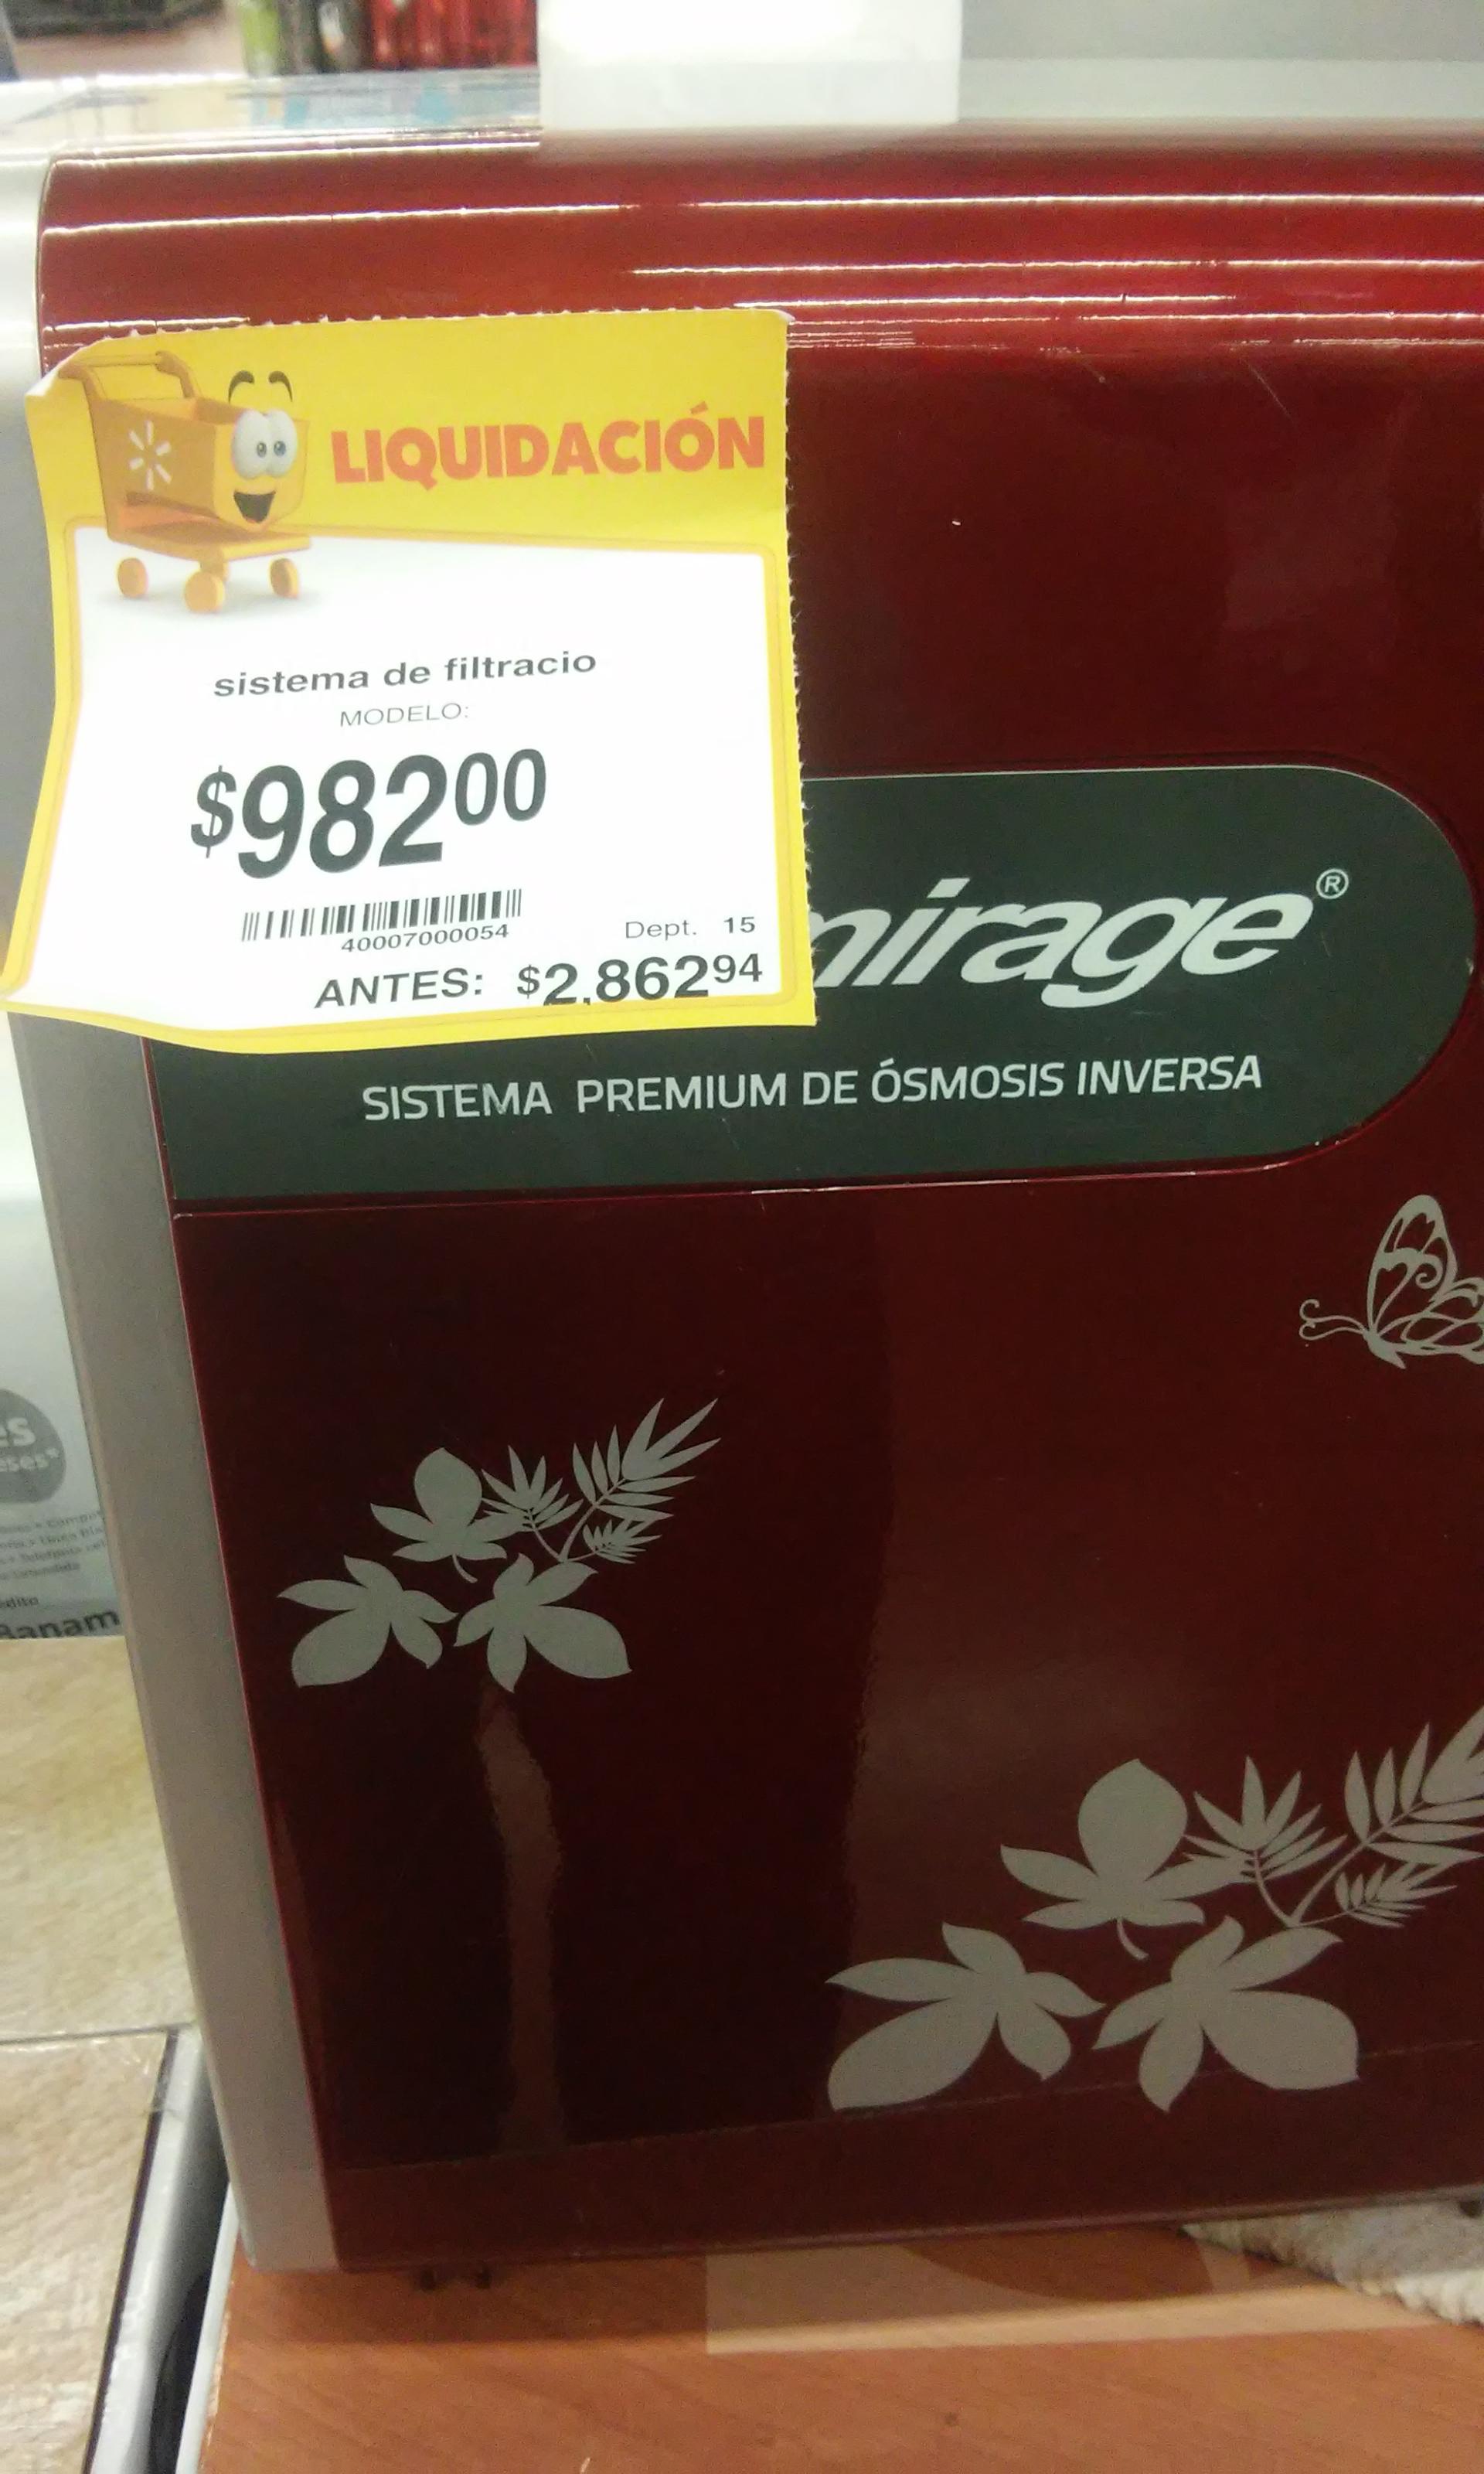 Walmart: Sistema premium de osmosis inversa Mirage (Purificador de agua) de $2,862 a $982